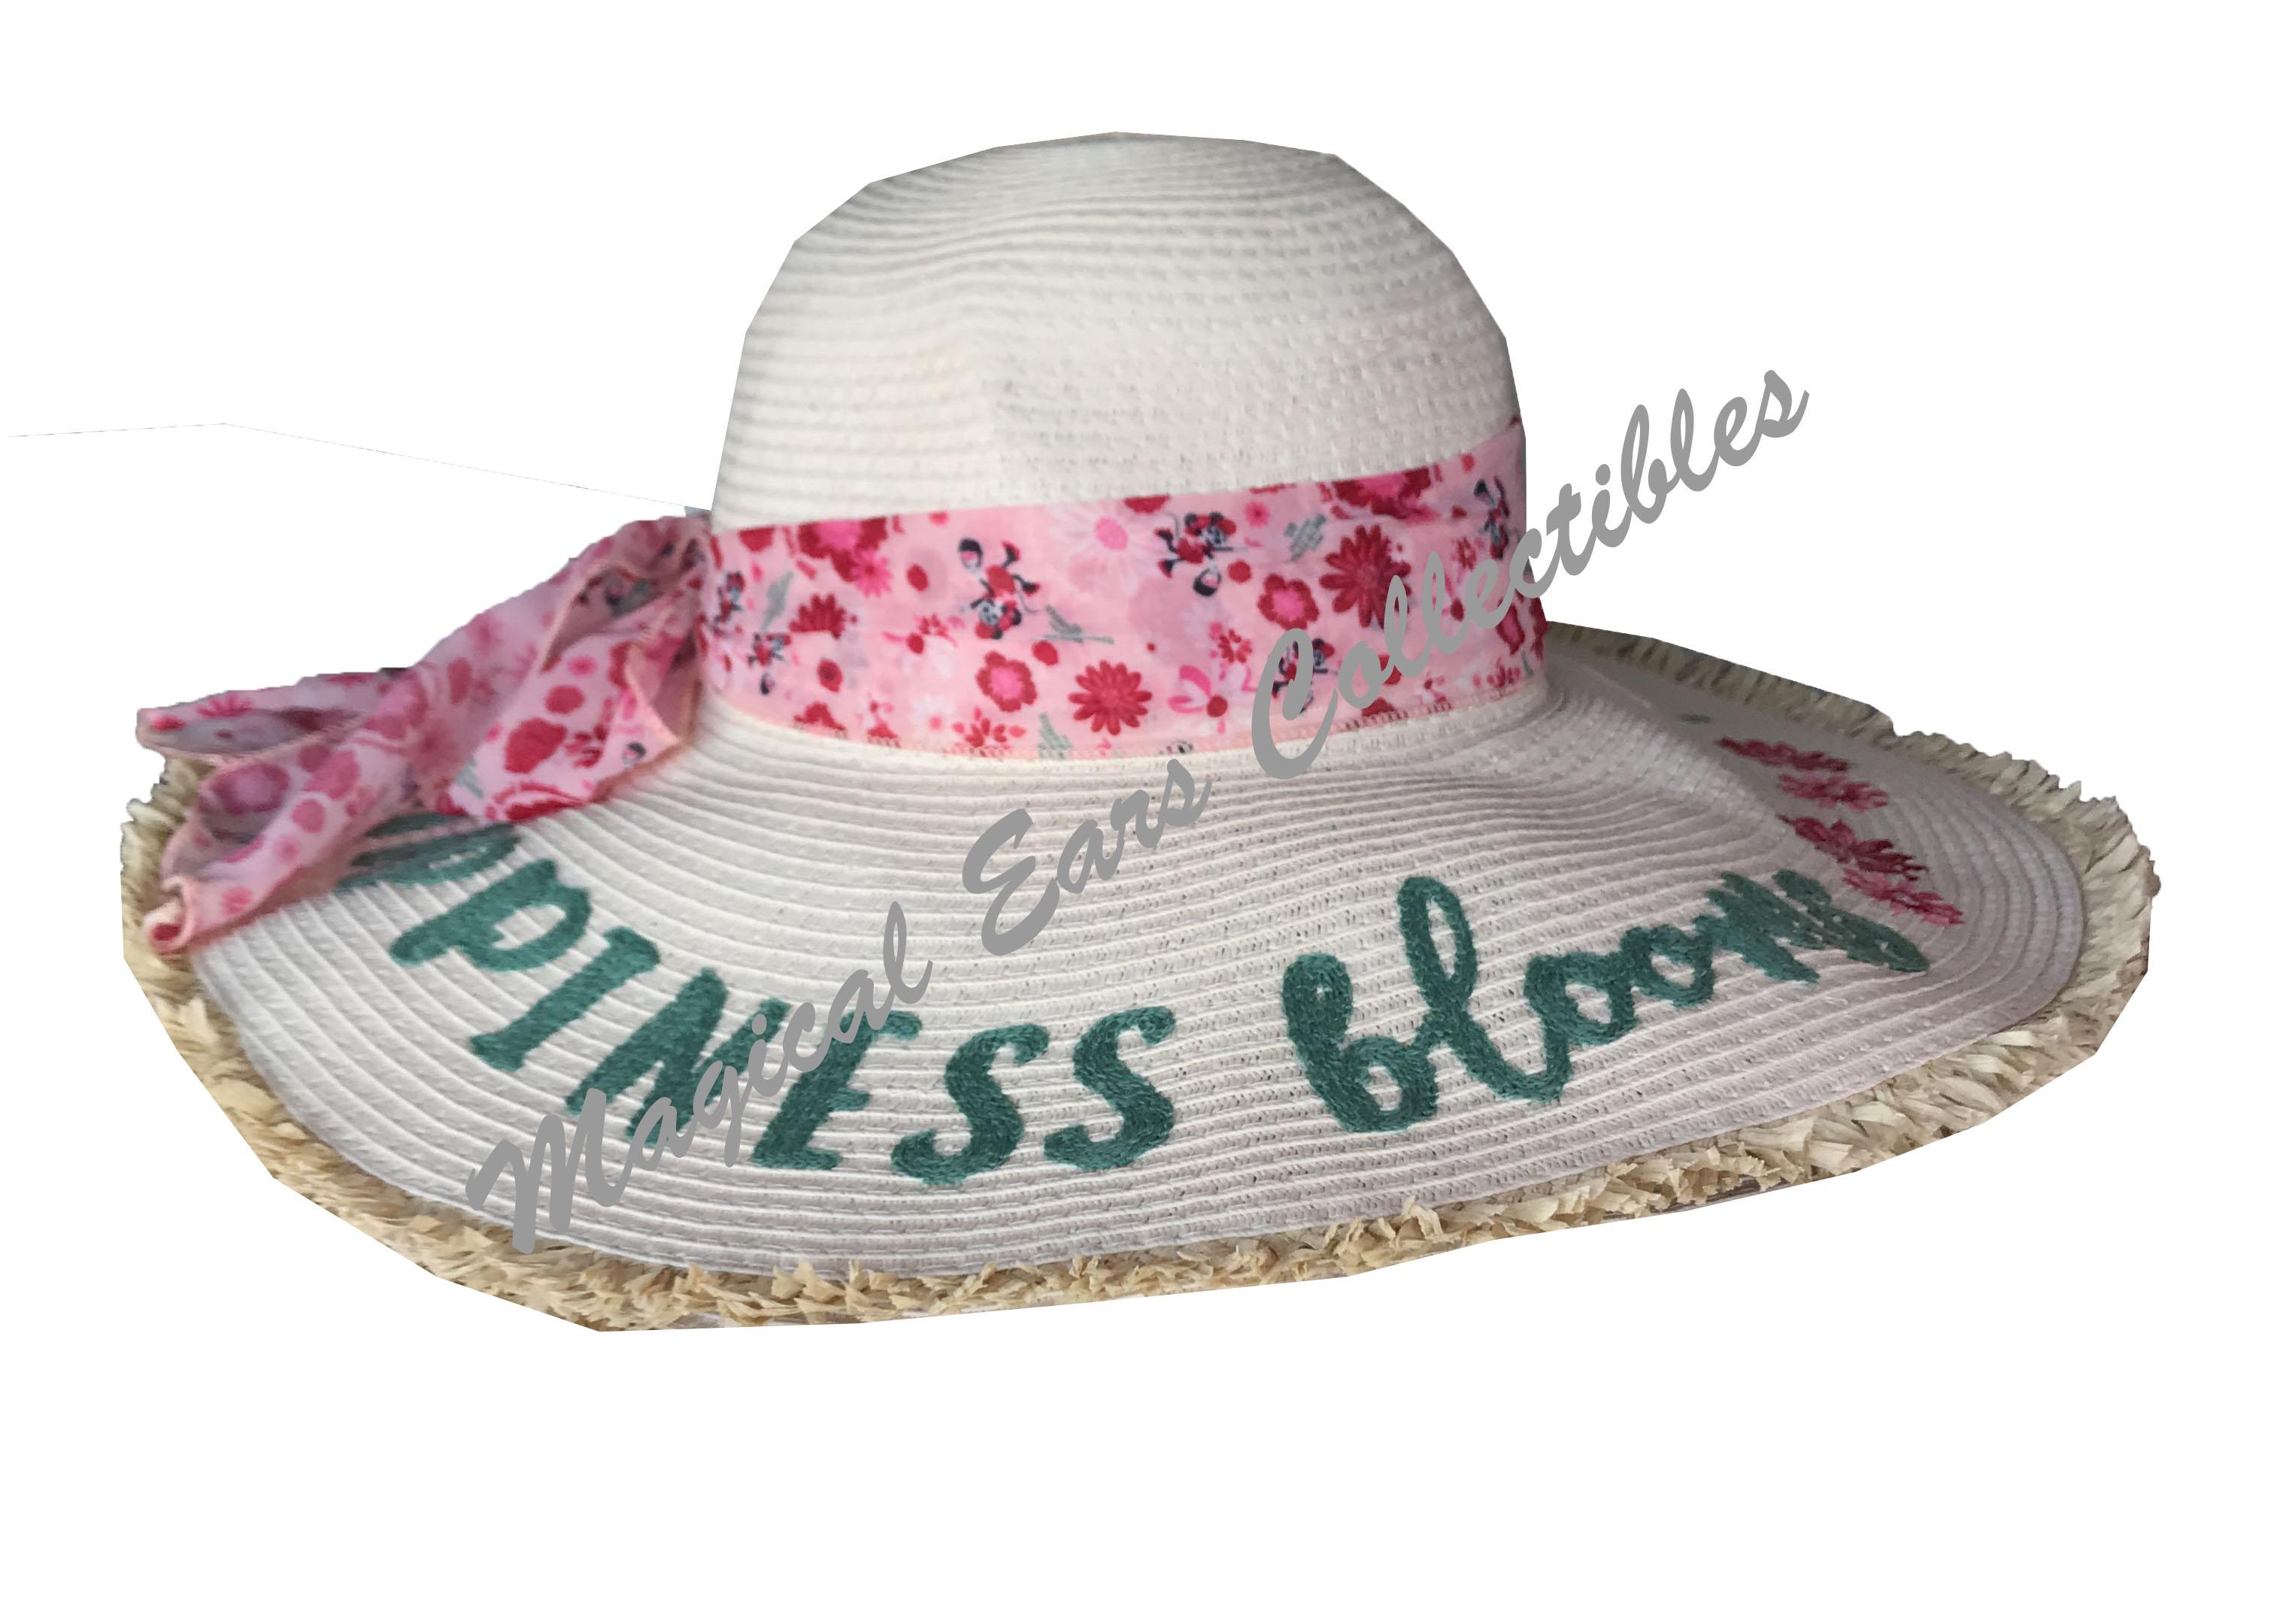 89c065246ae Disney Sun Hat - 2019 Flower and Garden Festival - Minnie Blooms